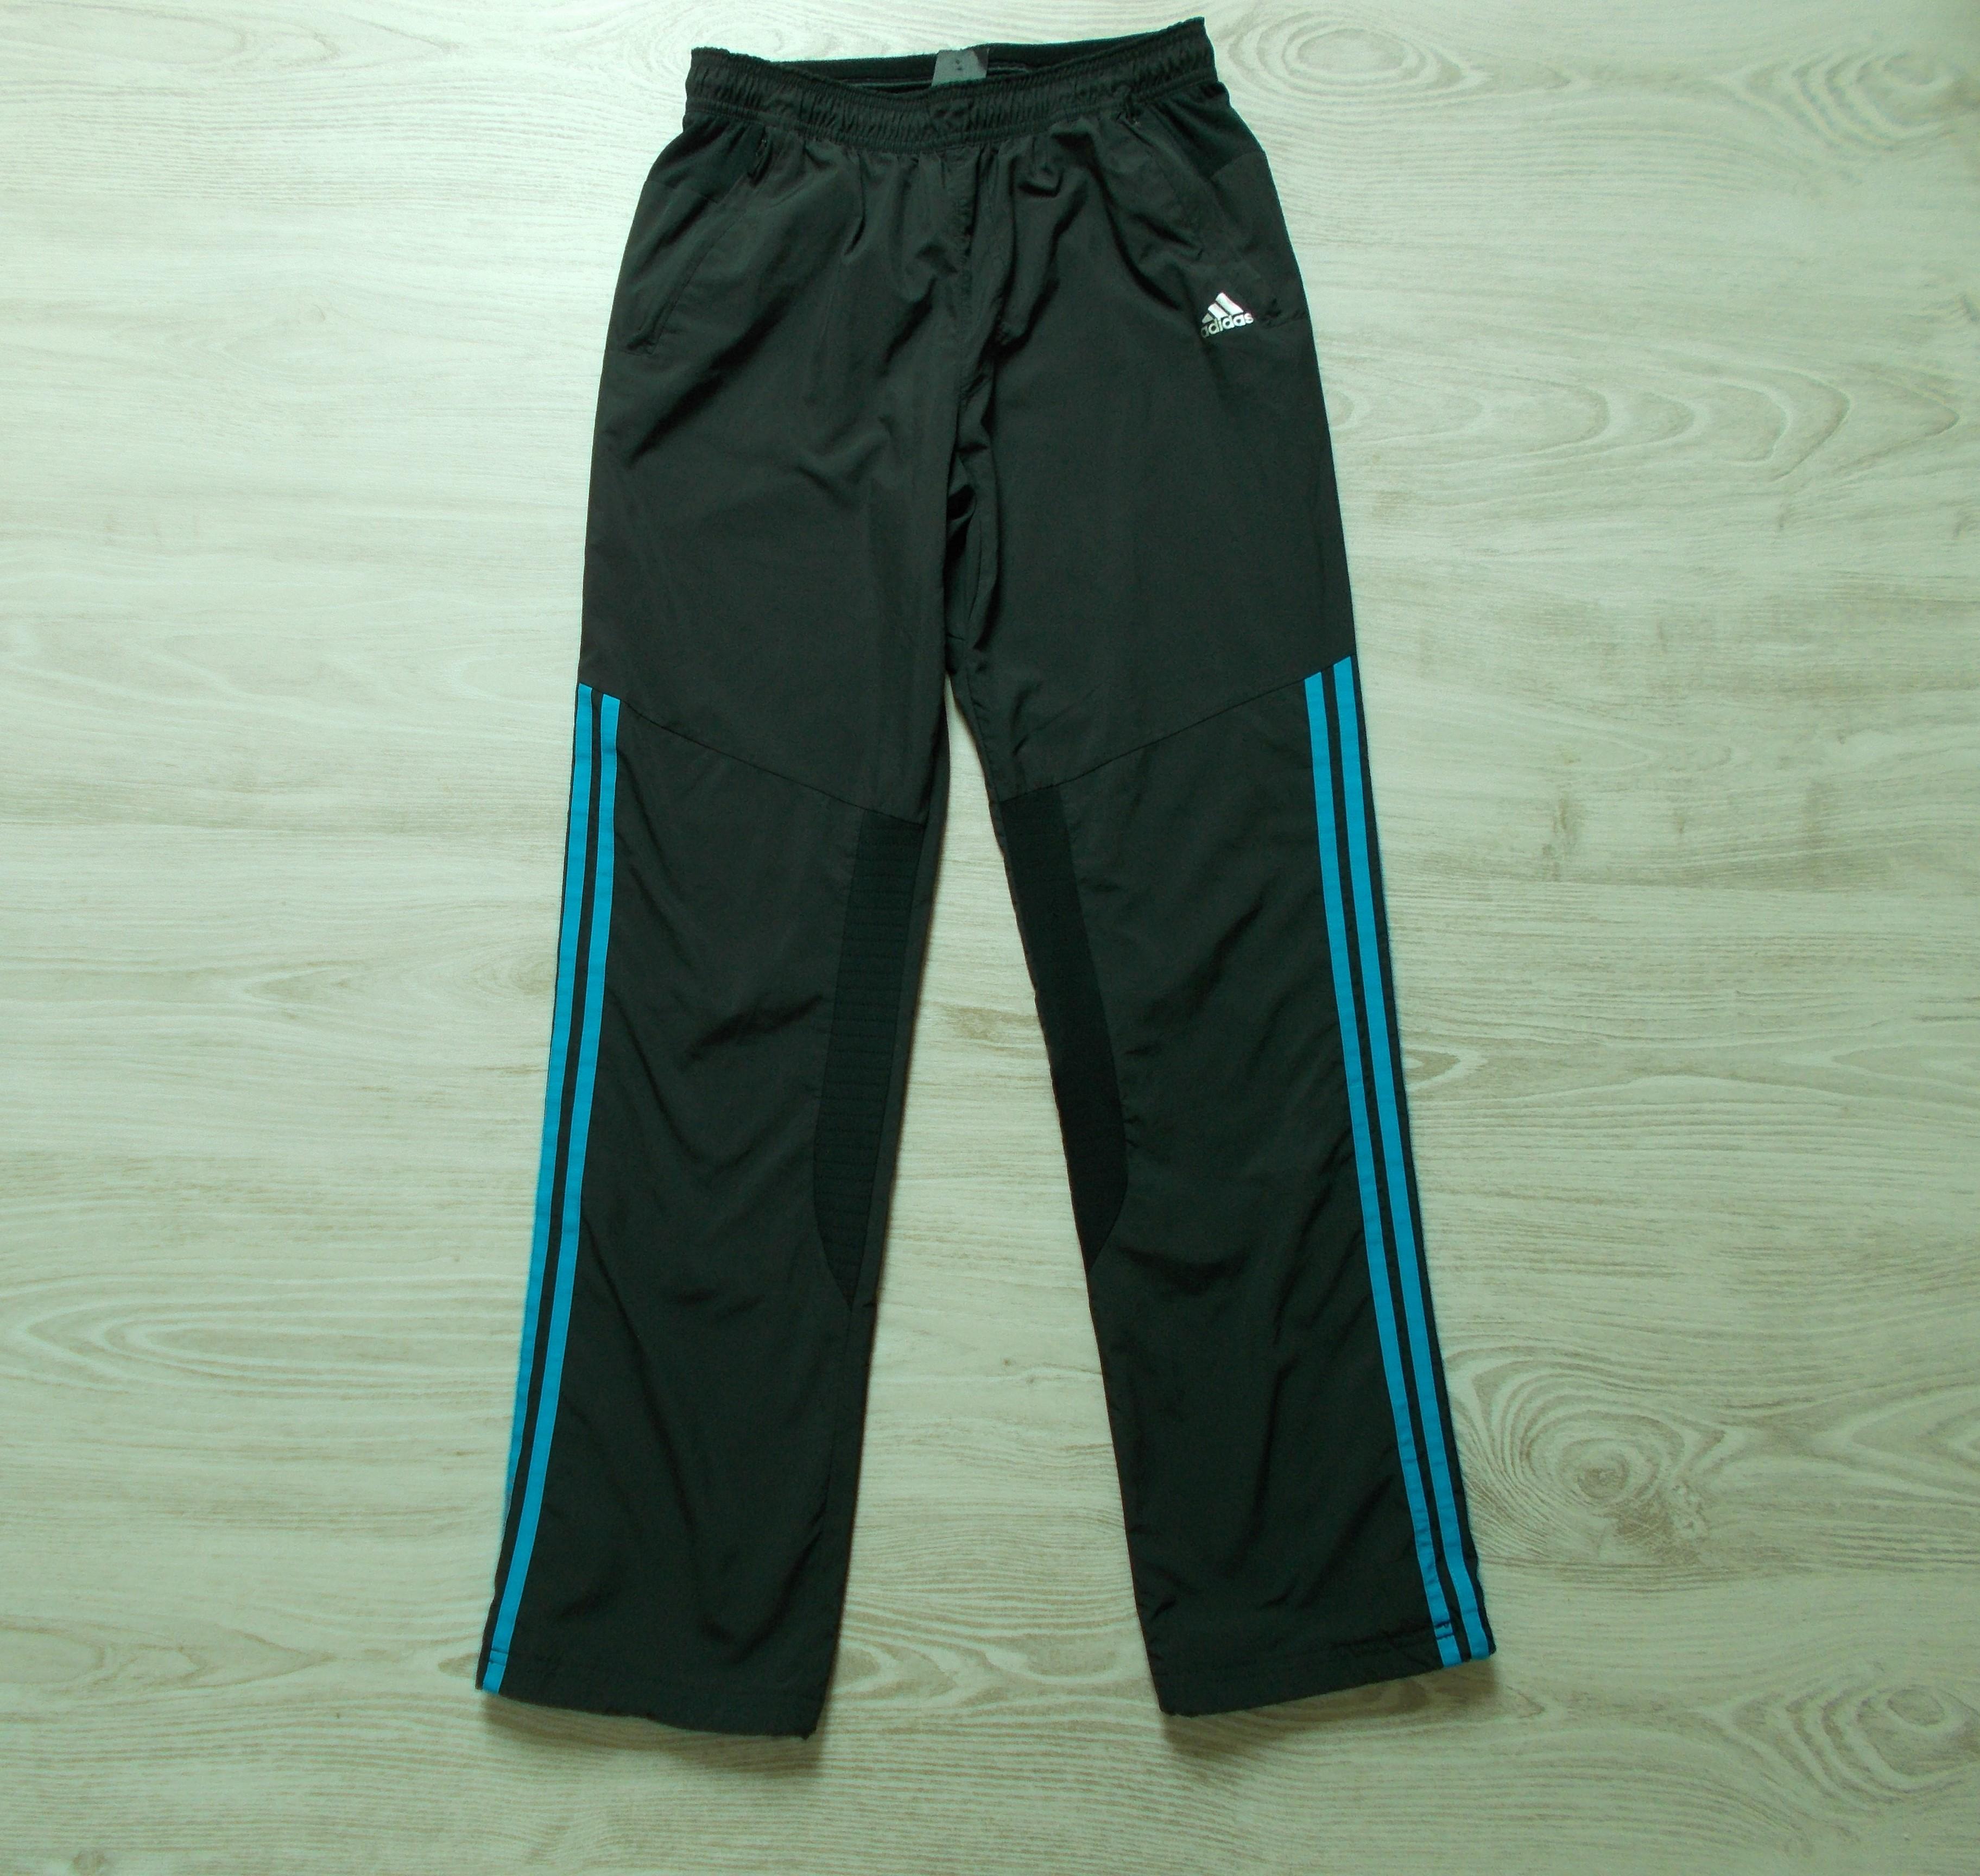 Adidas melegítő nadrág  158-164 (13-14 év)   Fiú ruhák     Lótusz ... b07c5d56fb